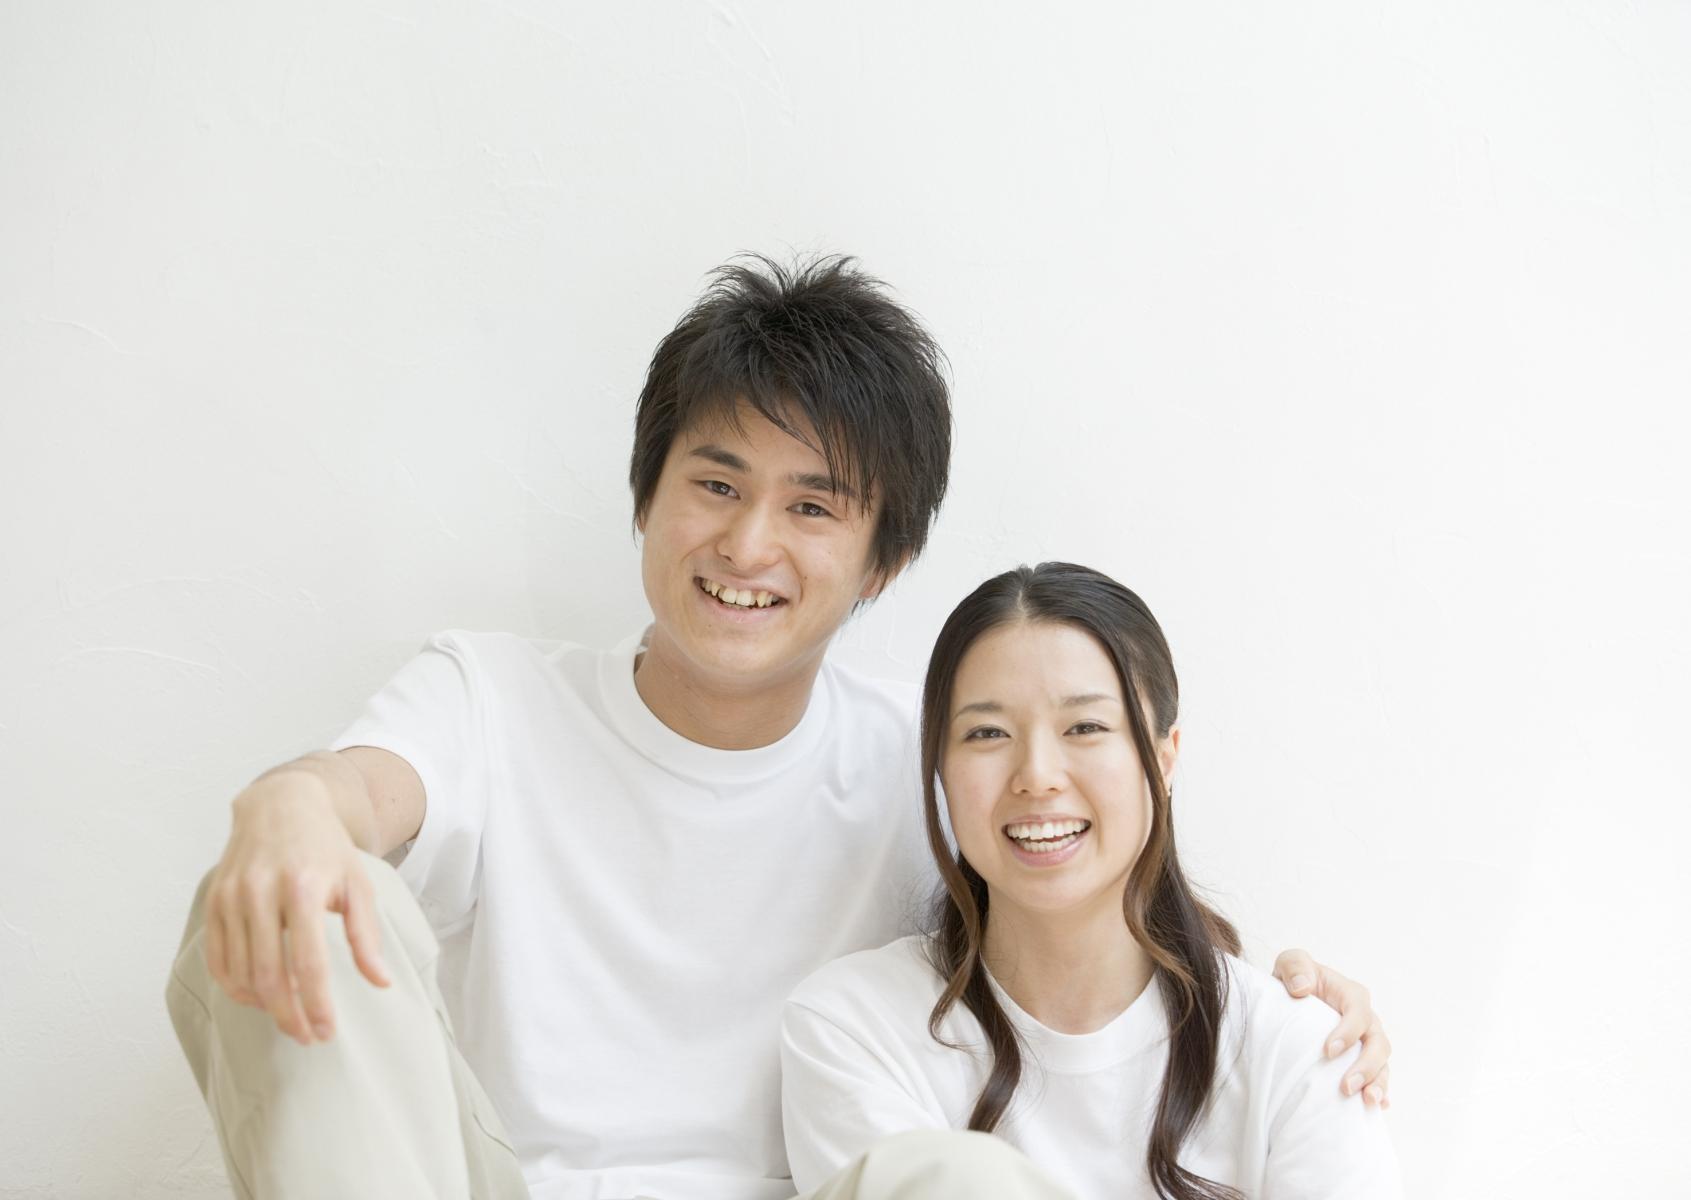 和歌山こまつ歯科インプラントクリニックで口内環境を良い状態に保ちましょう